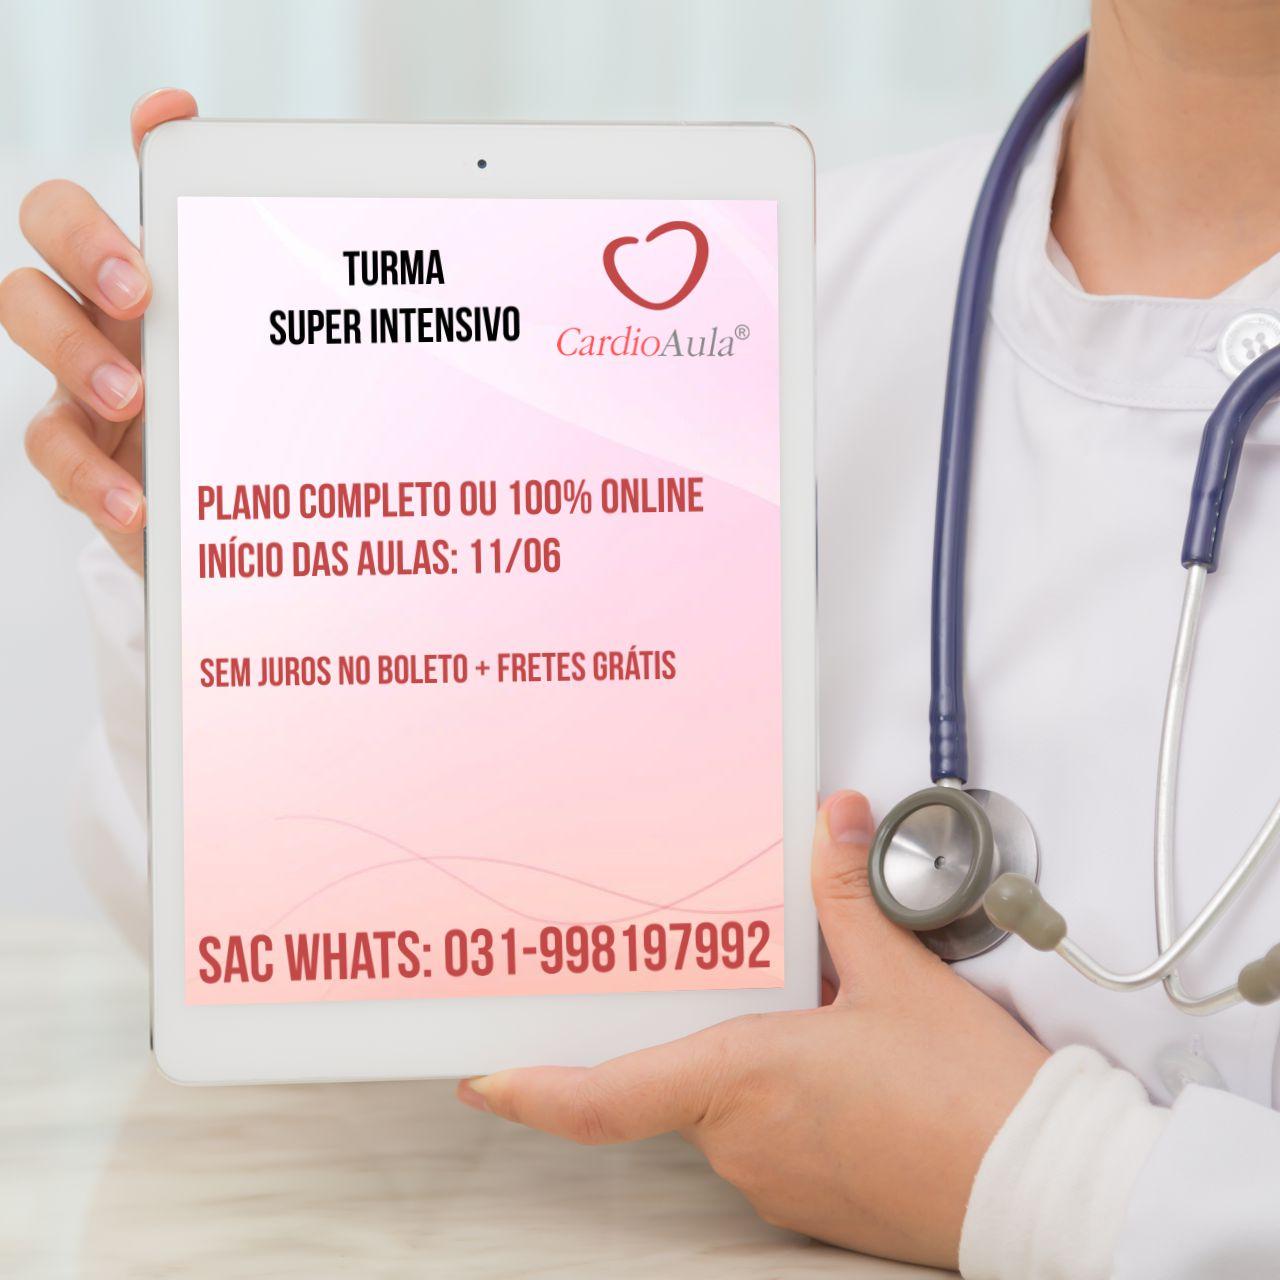 CardioAula TEC 2019 - EXTENSIVO - 350 Horas / aula com 8 apostilas Exclusivas EM CASA - Curso preparatório para prova de Título de Especialista em Cardiologia